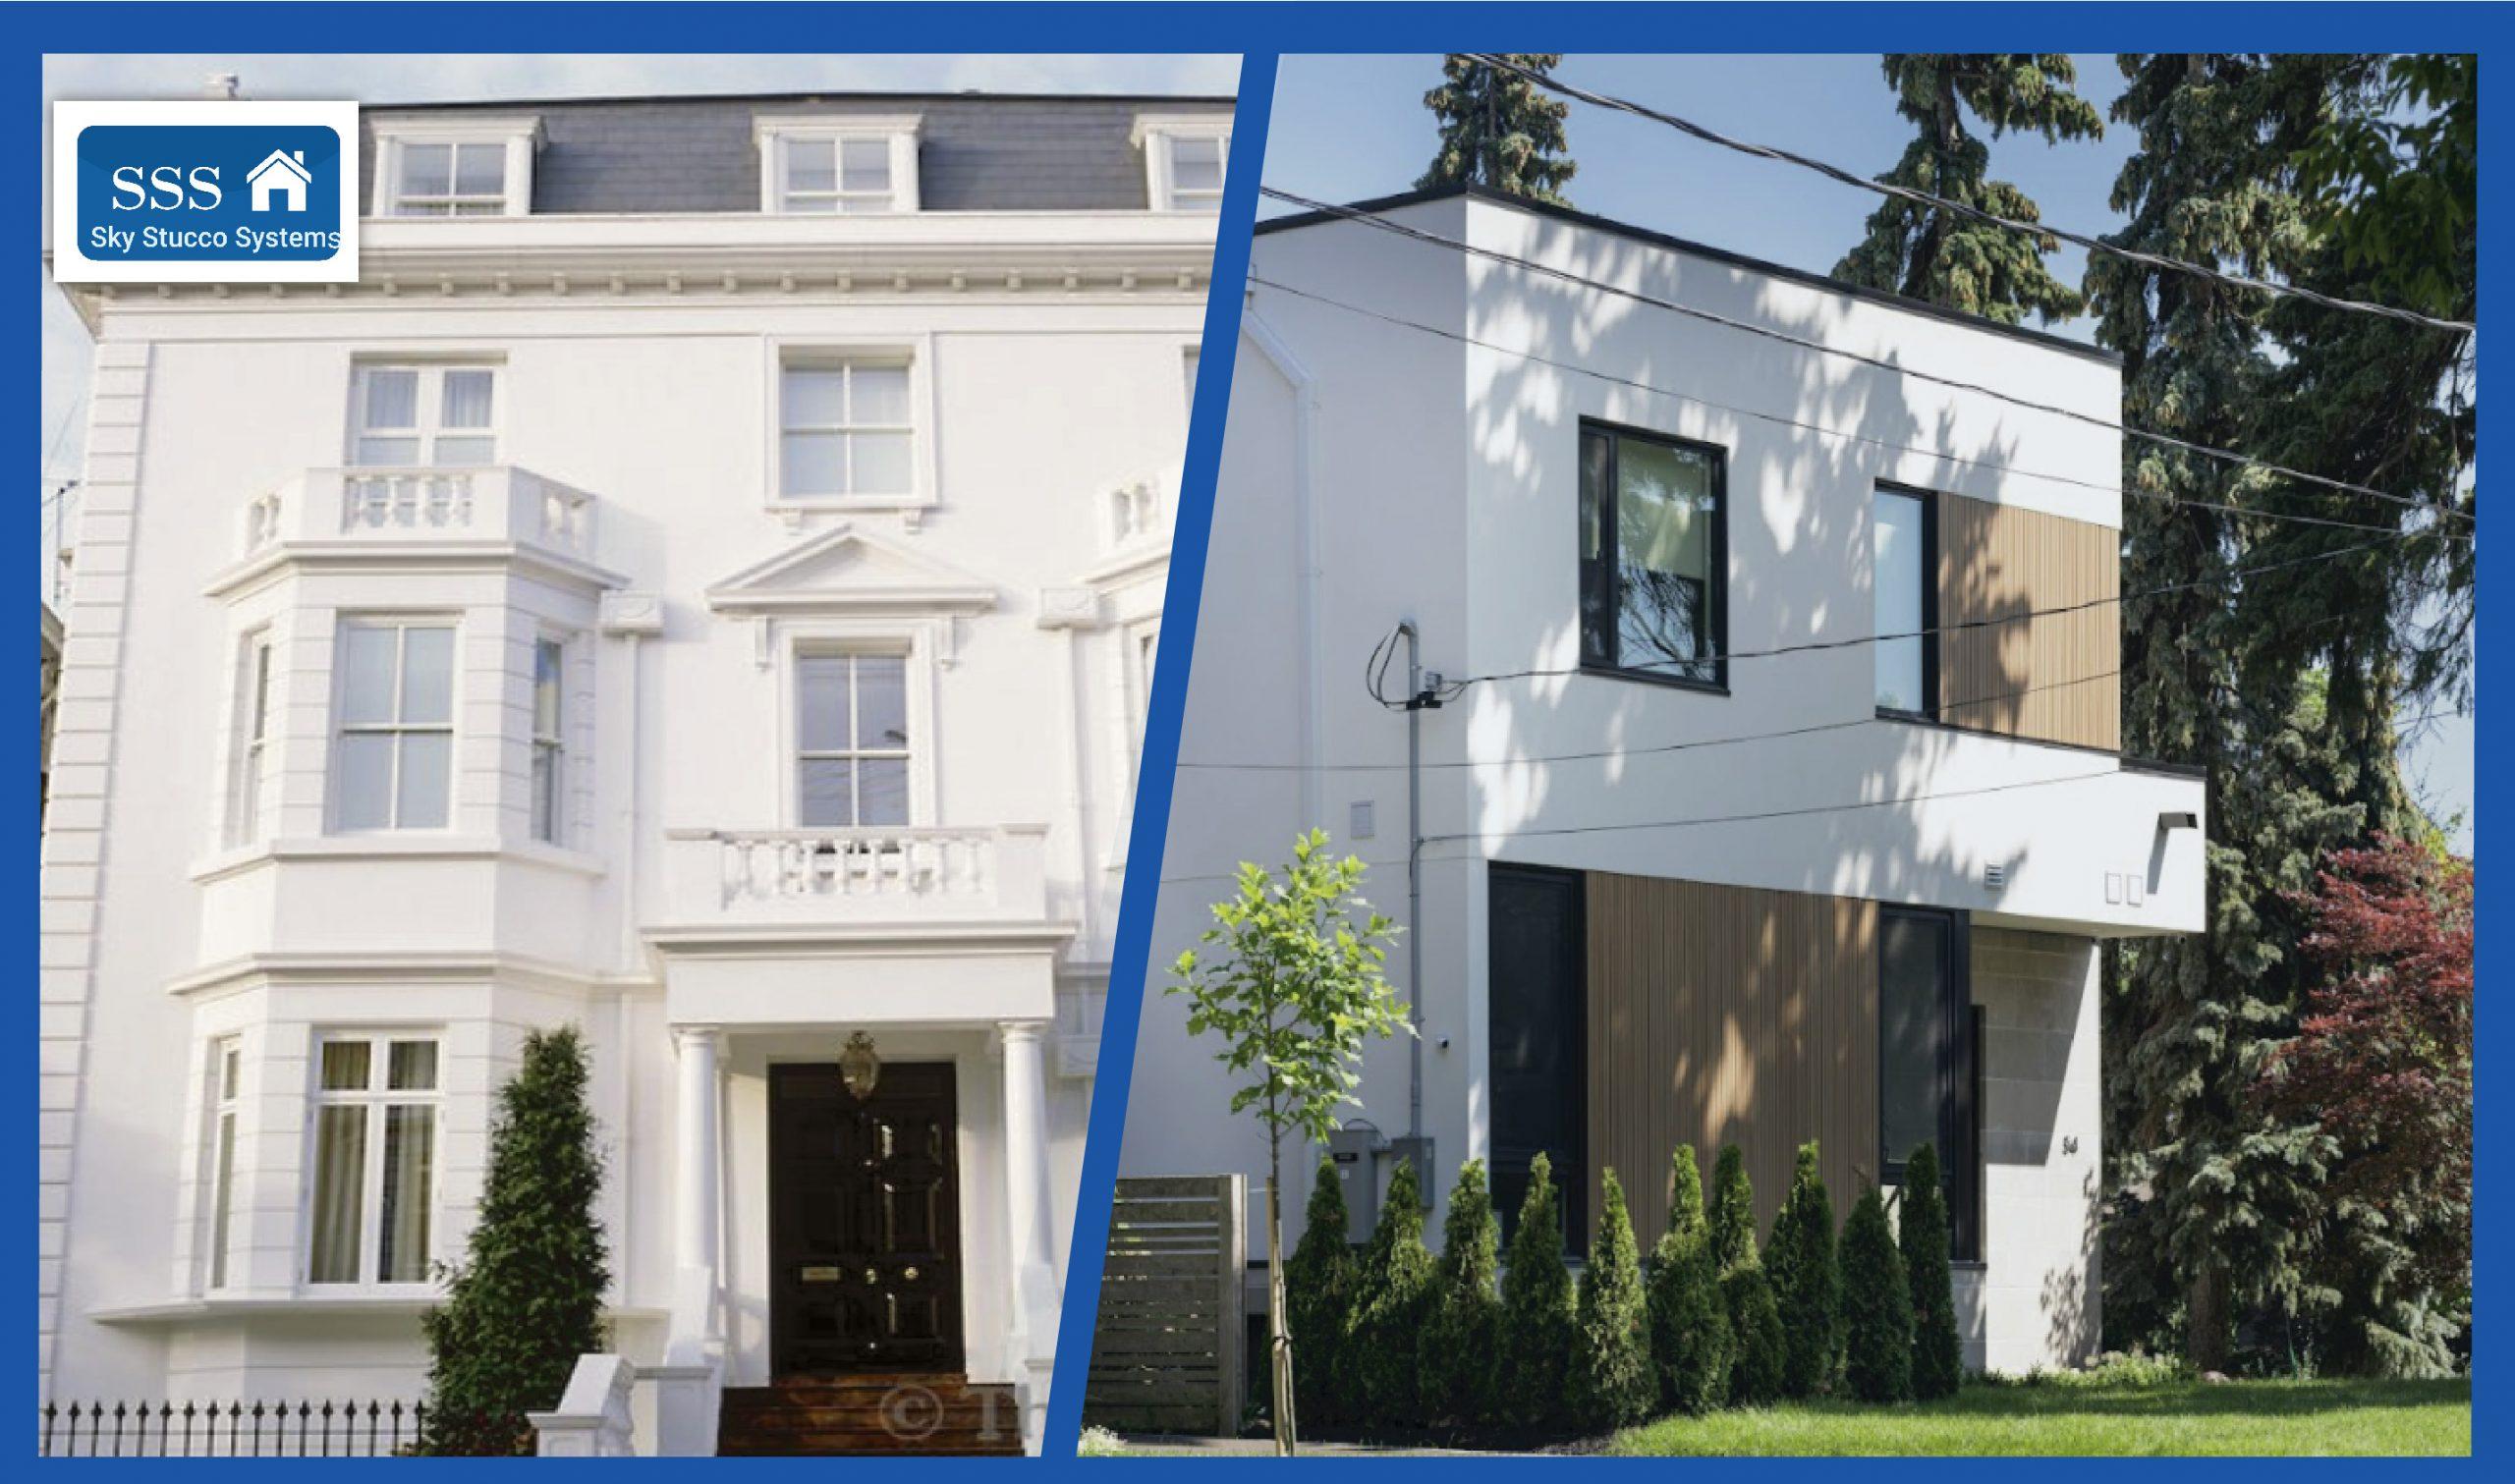 house - Exterior stucco home Ontario Sky Stucco Systems